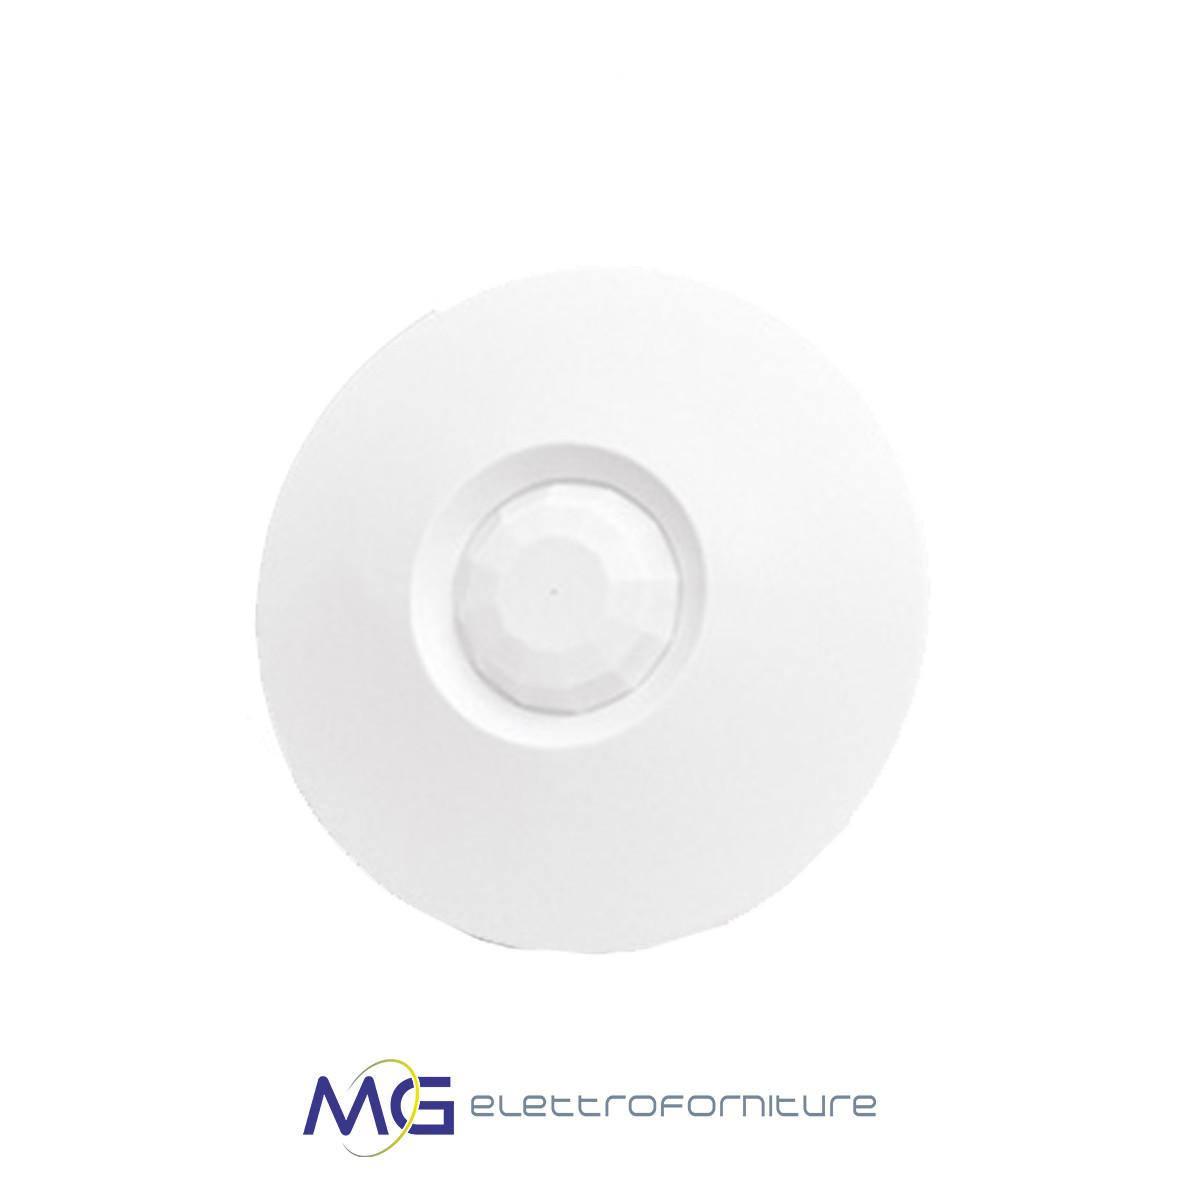 essegibi_moon_240_sensore_da_interno_a_soffitto_bianco_lente_grandangolare_mg_elettroforniture_prezzo_basso_migliore